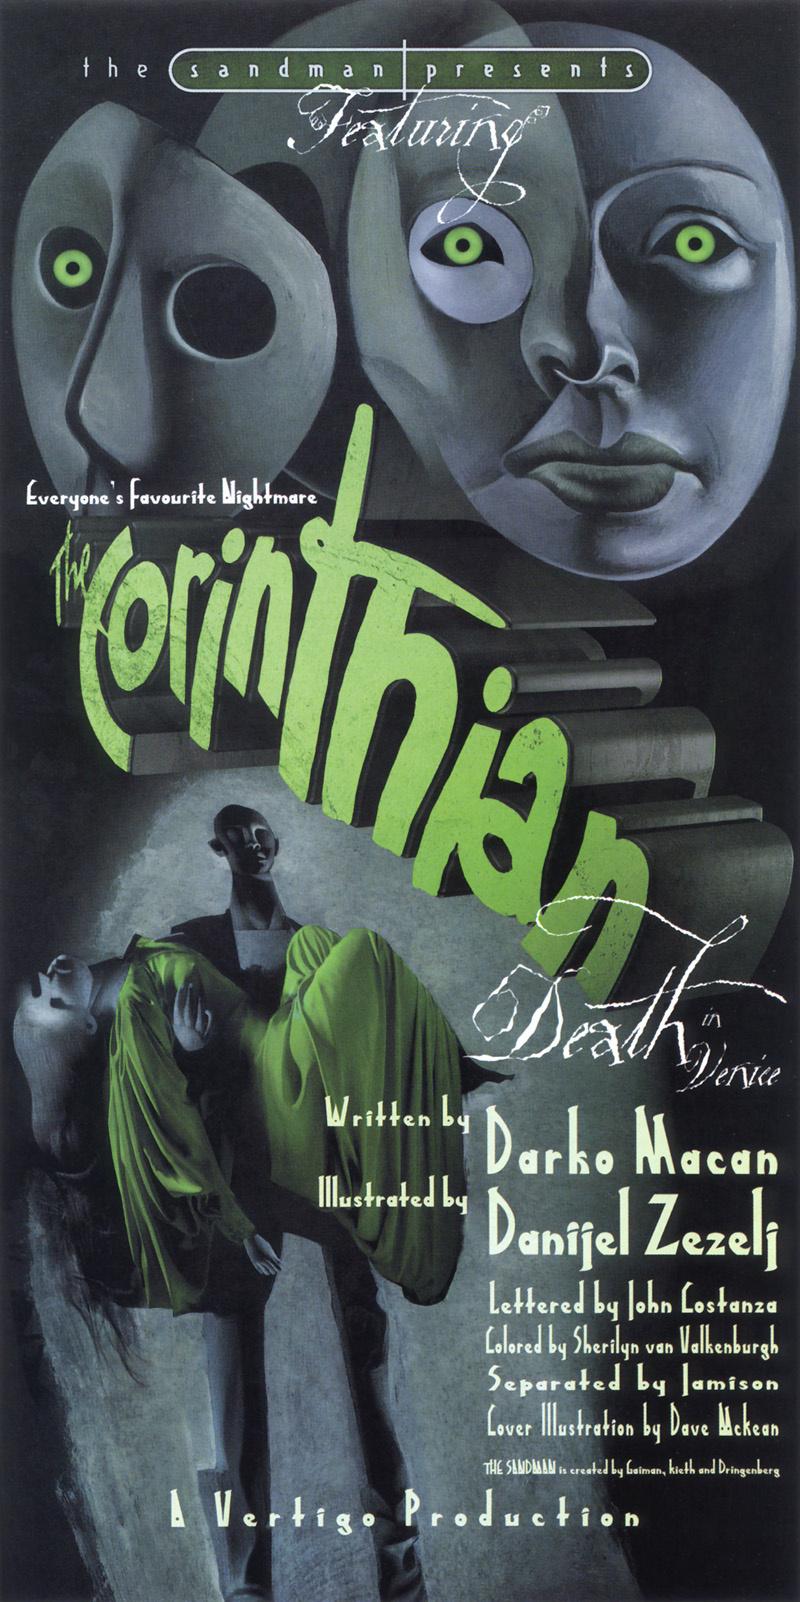 David McKenna. Poster